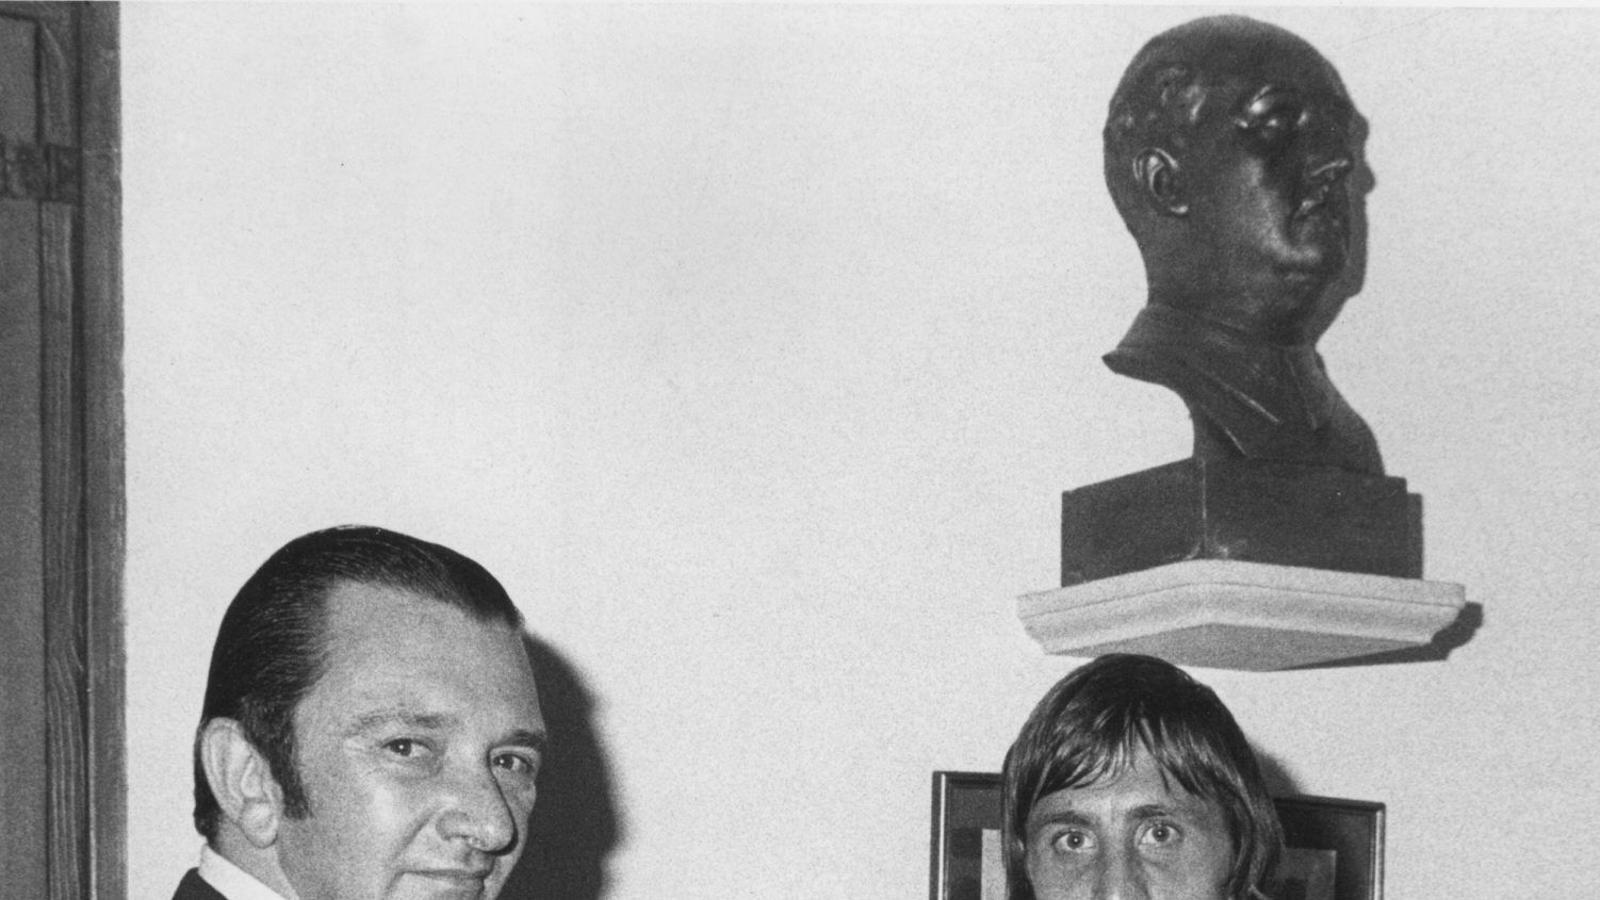 Montal i Cruyff, aterrat al Barça el 1973